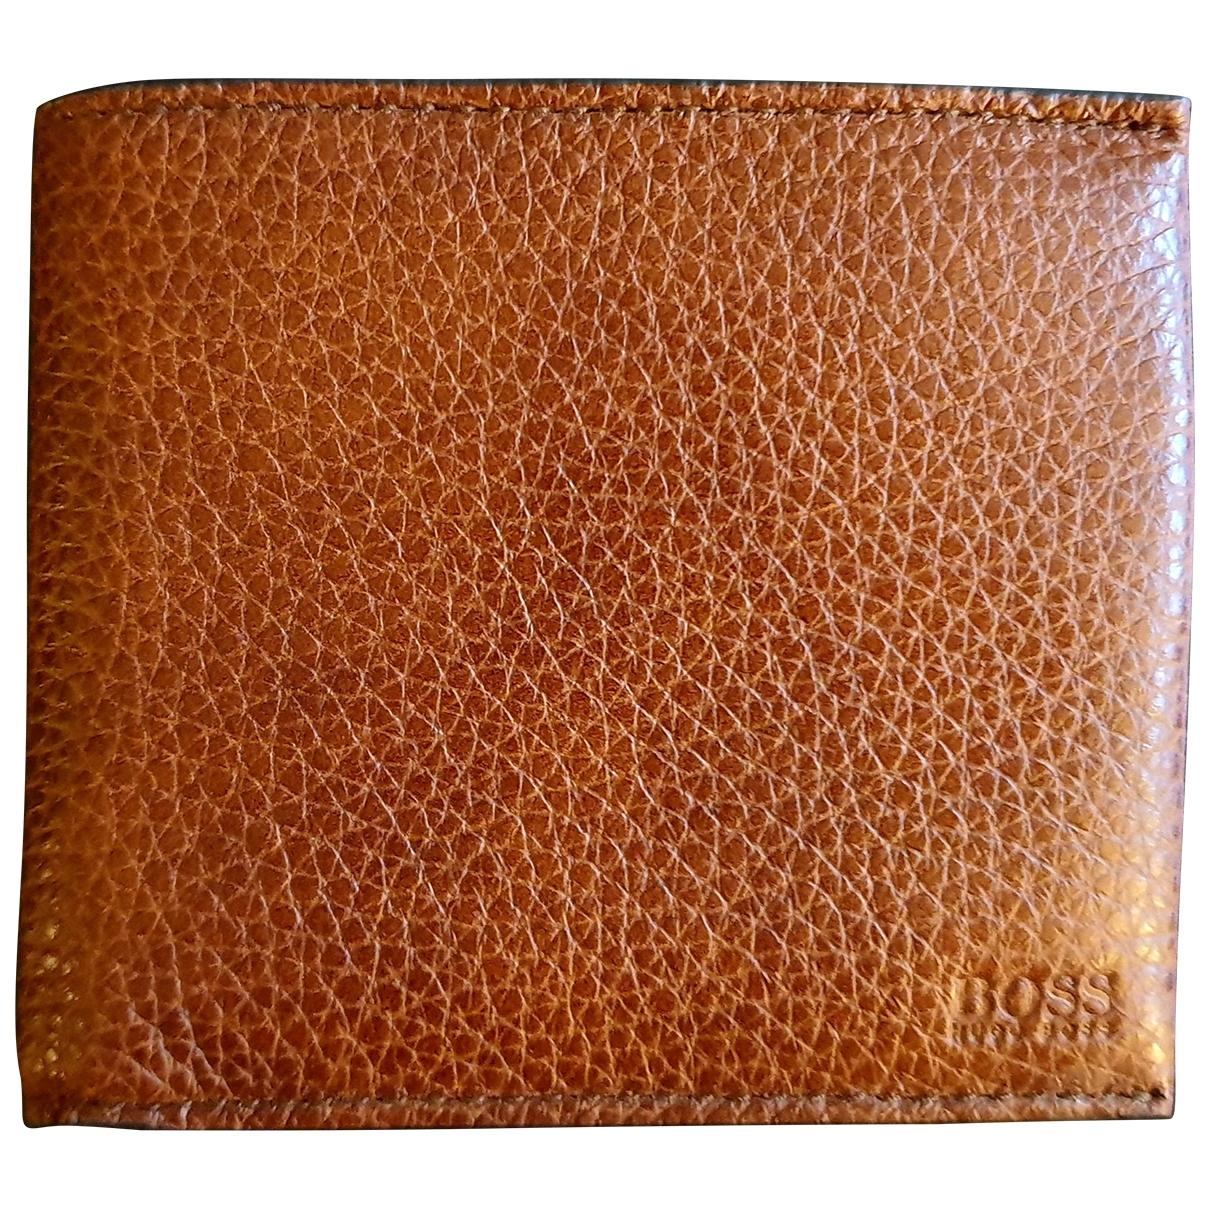 Boss - Petite maroquinerie   pour homme en cuir - marron